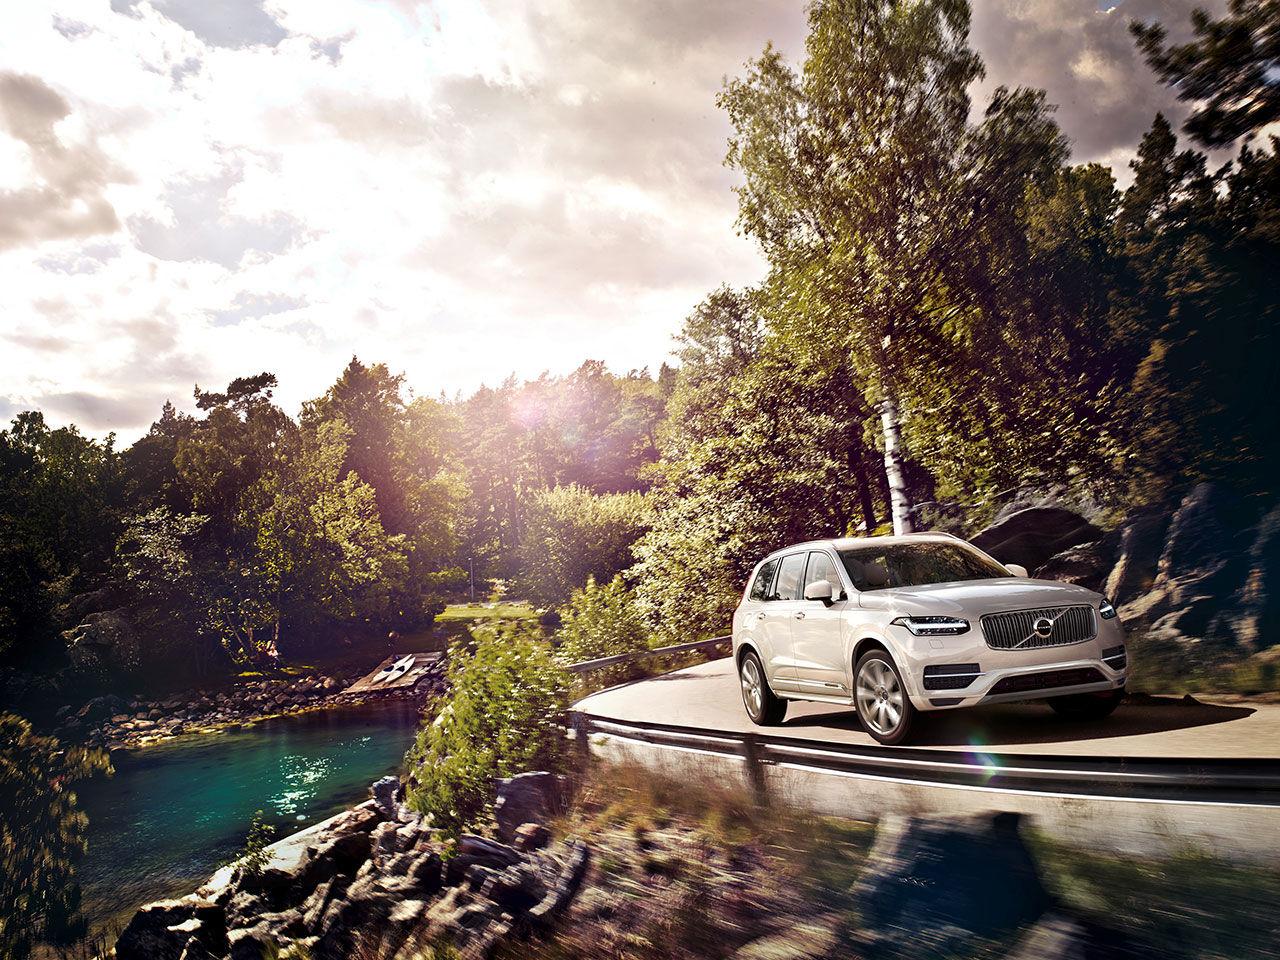 Volvo XC90 T8 drar 0.25 liter per mil och släpper ut 59 gram per kilometer